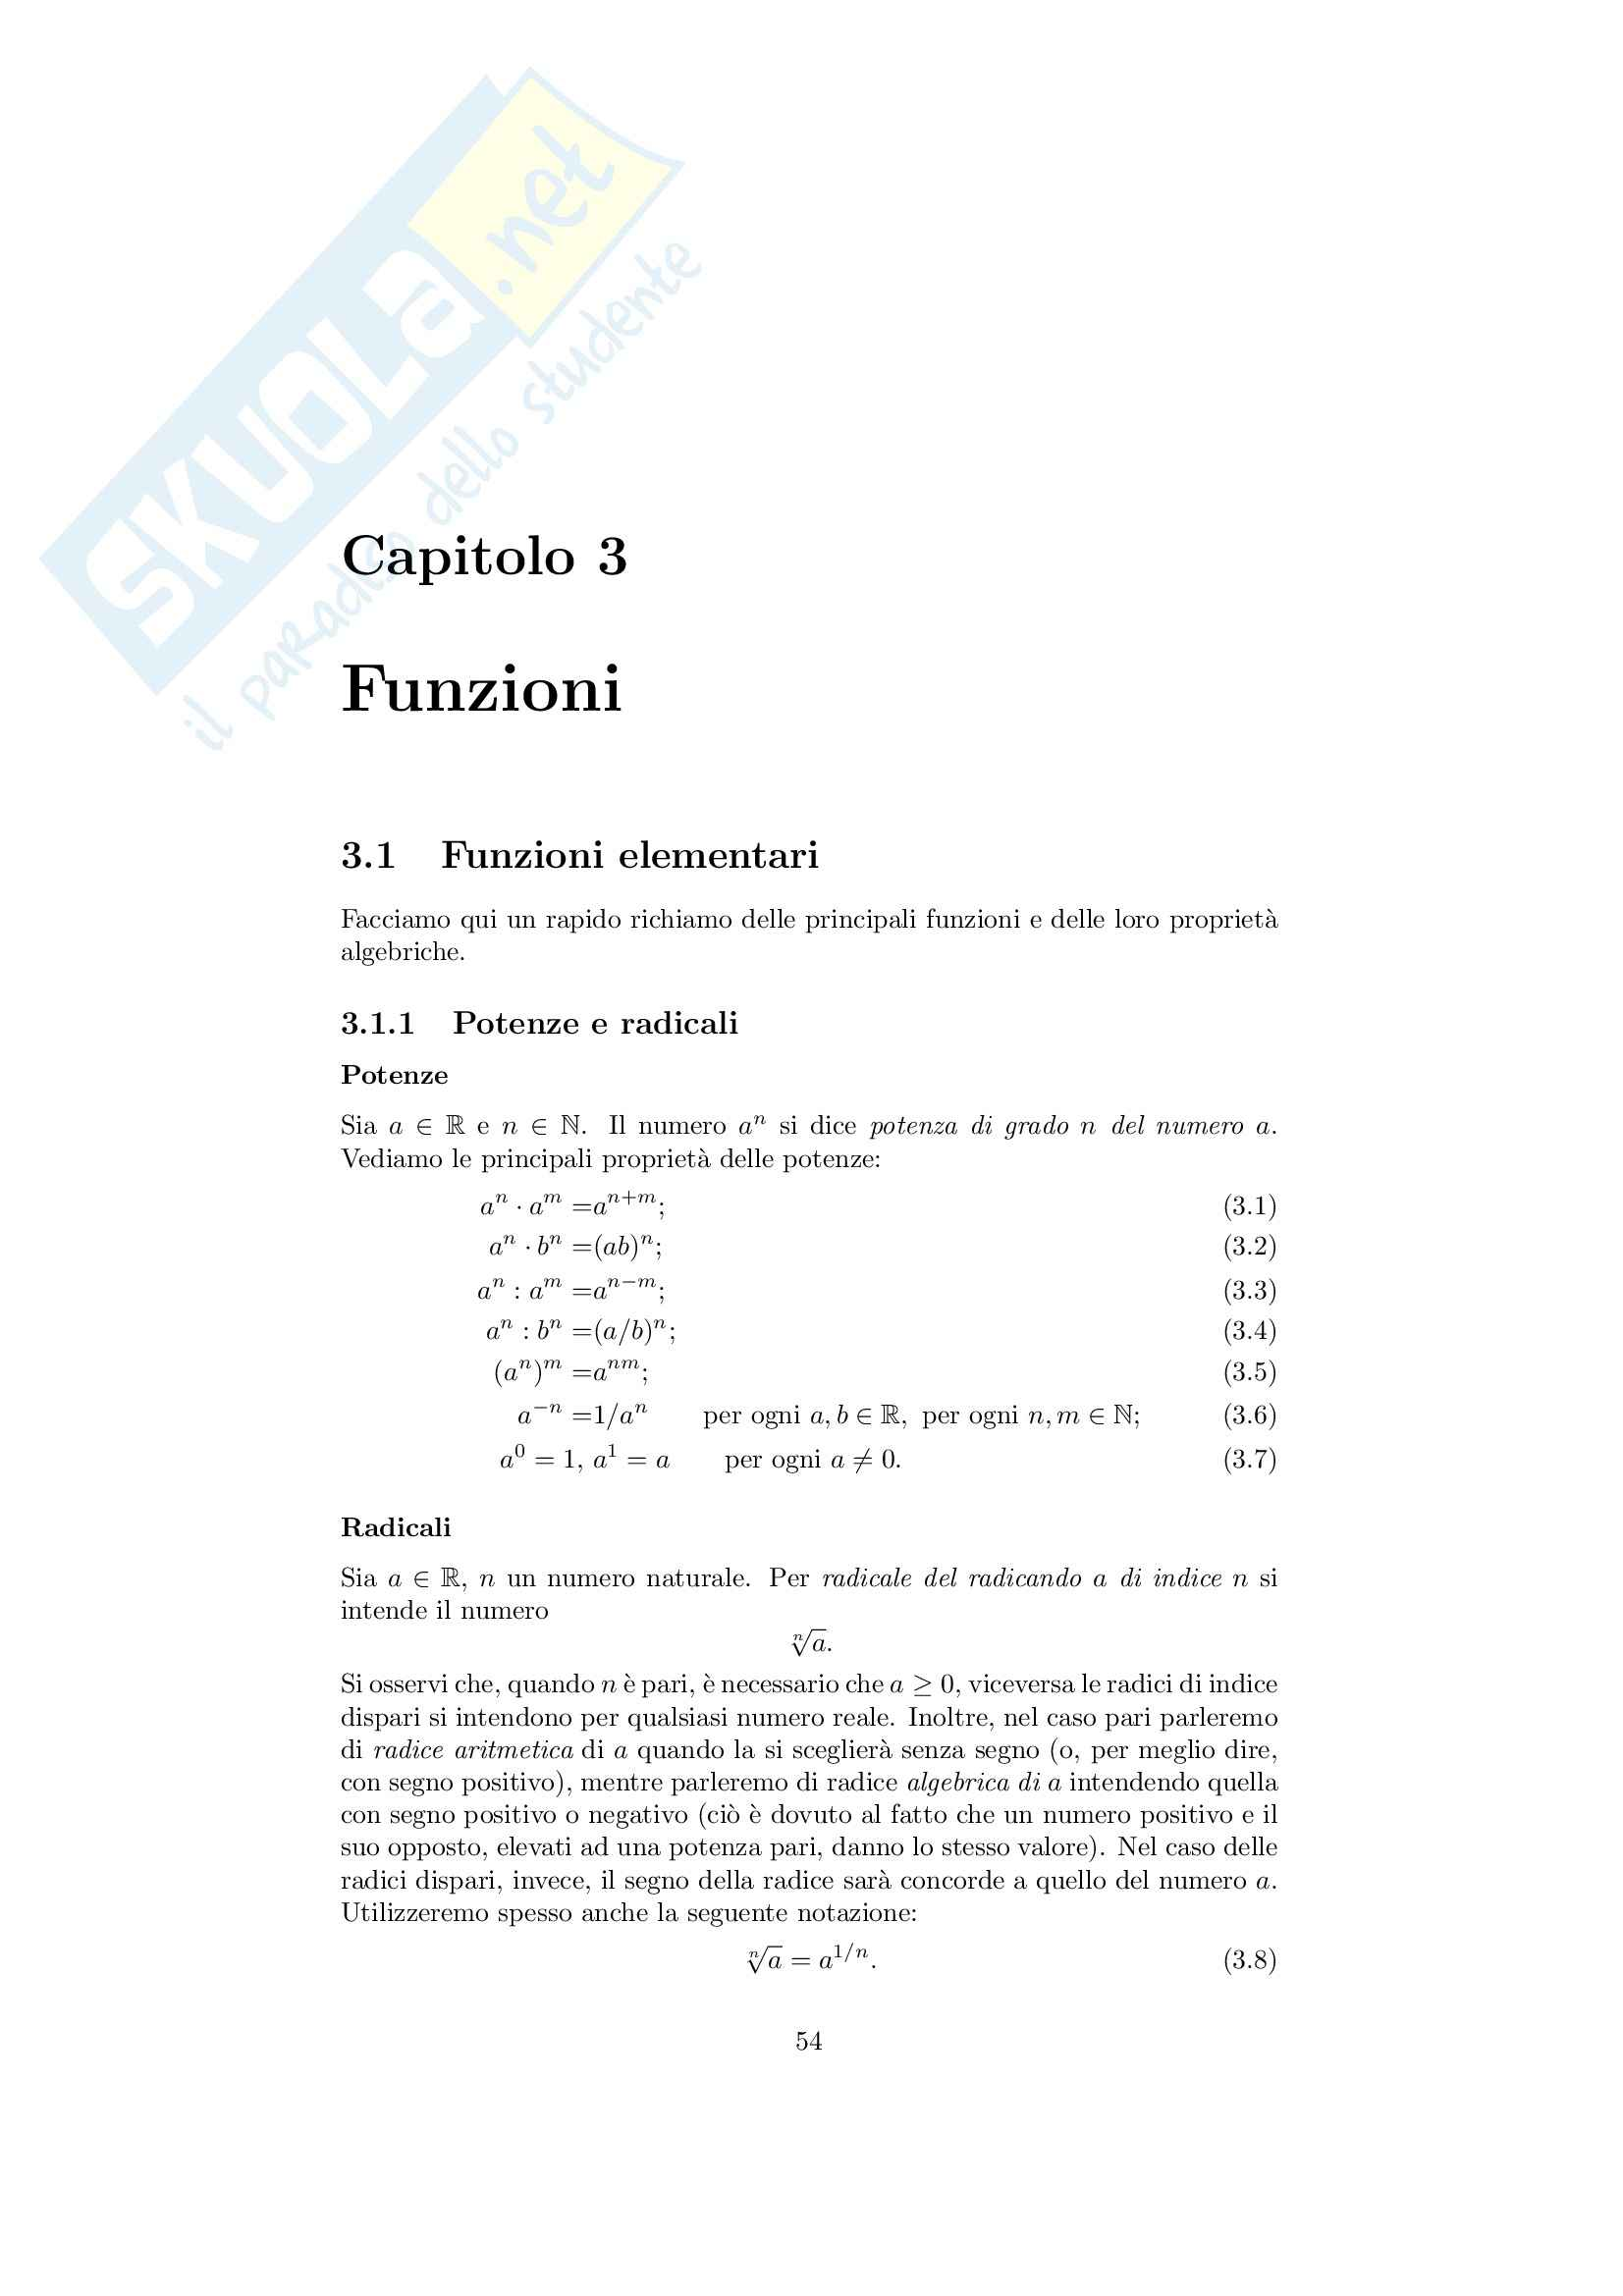 Analisi matematica 1 - Note ed esercizi svolti sulle funzioni elementari